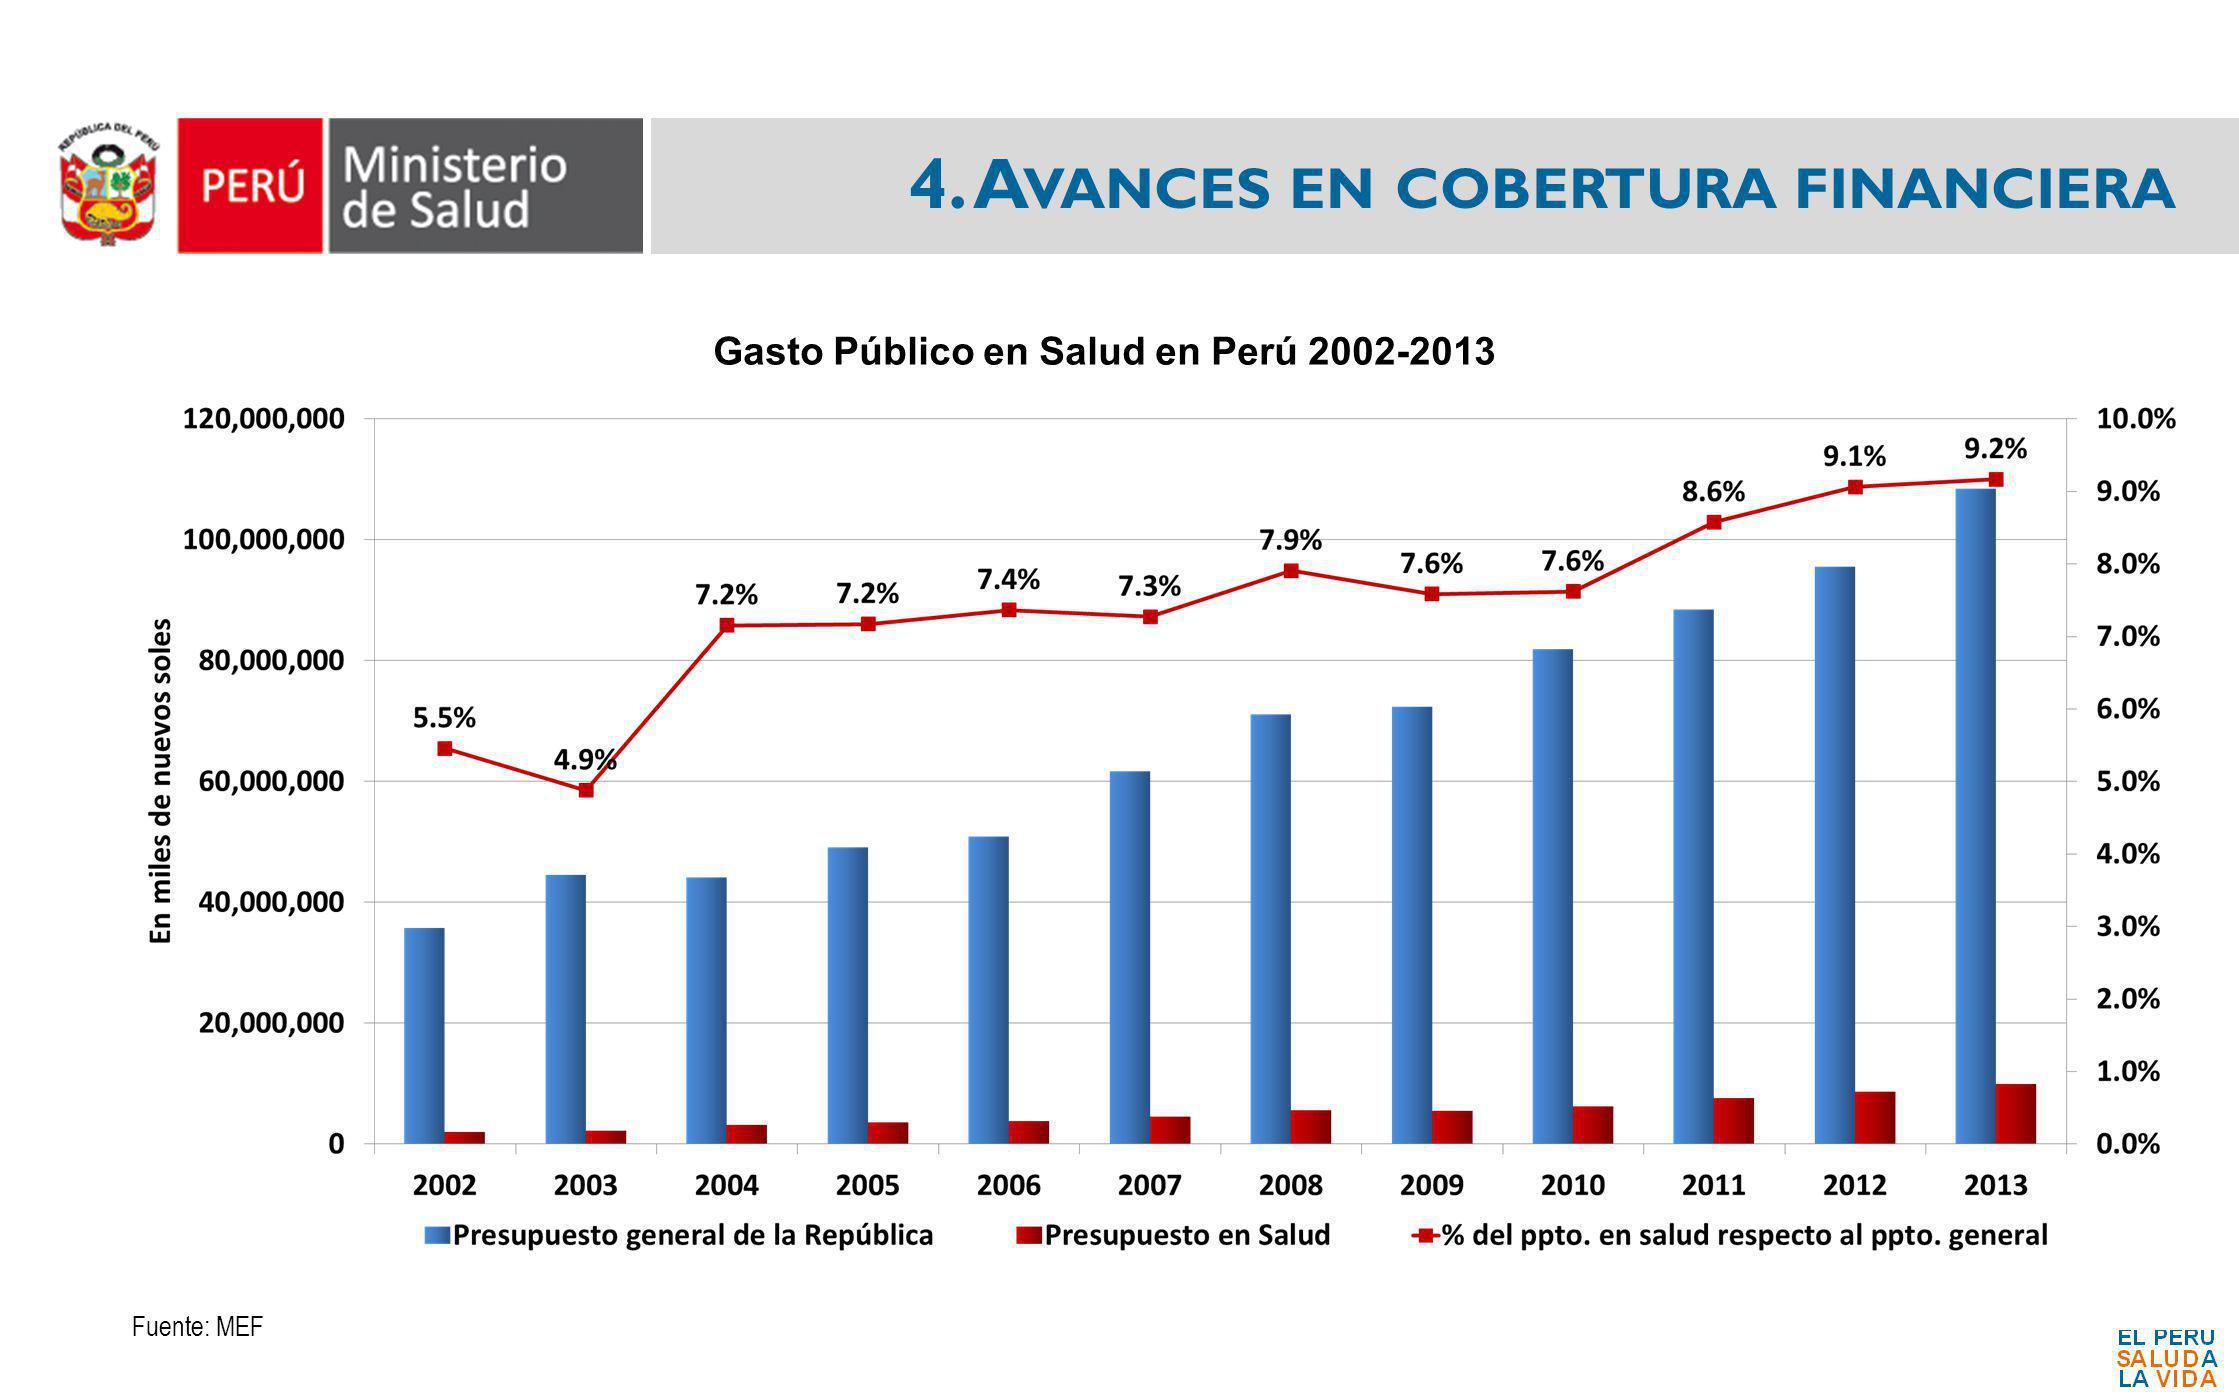 Gasto Público en Salud en Perú 2002-2013